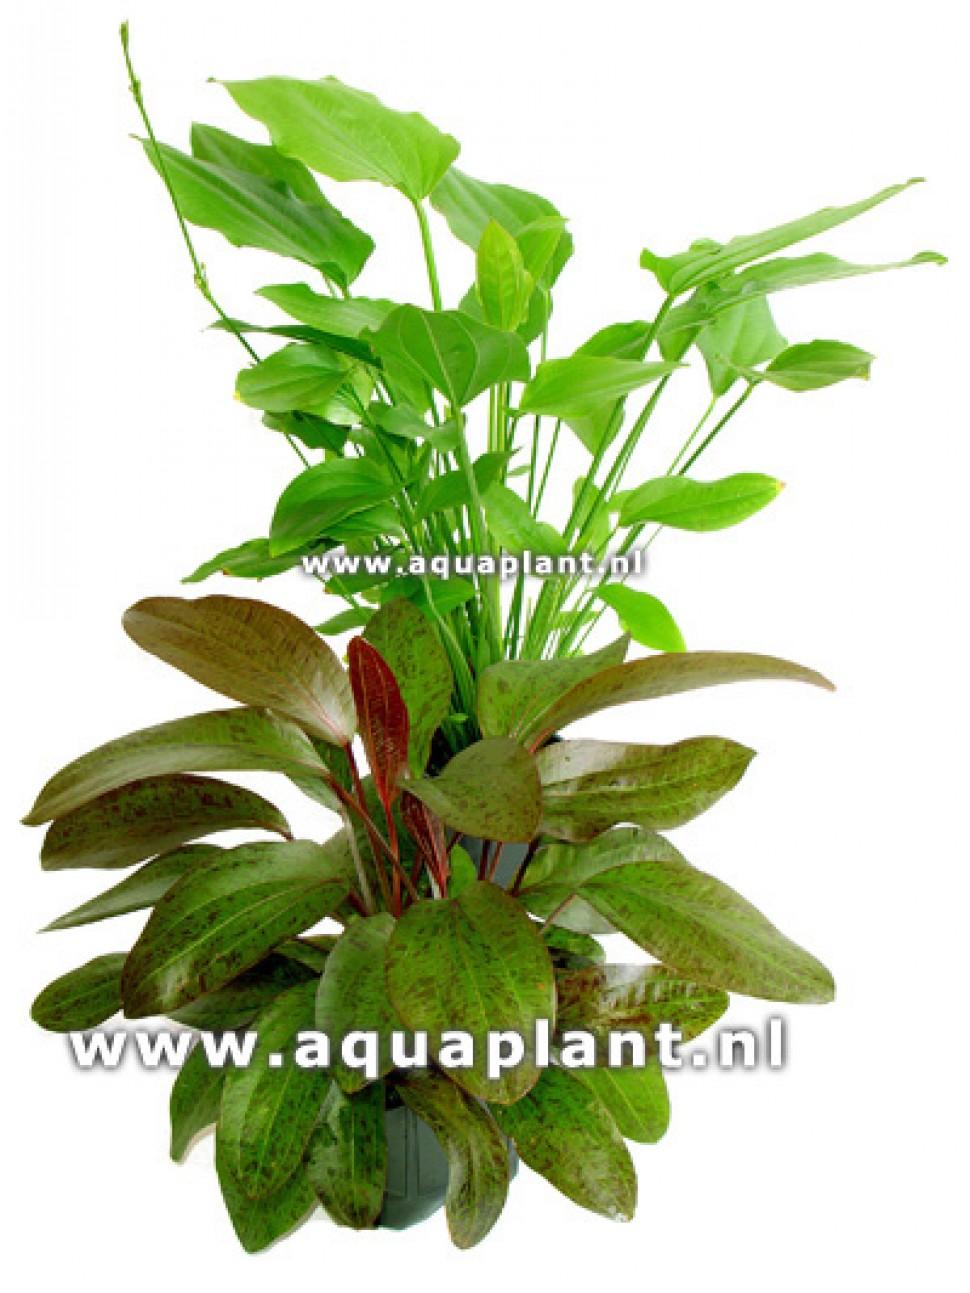 goed38 moederplant 4.jpg